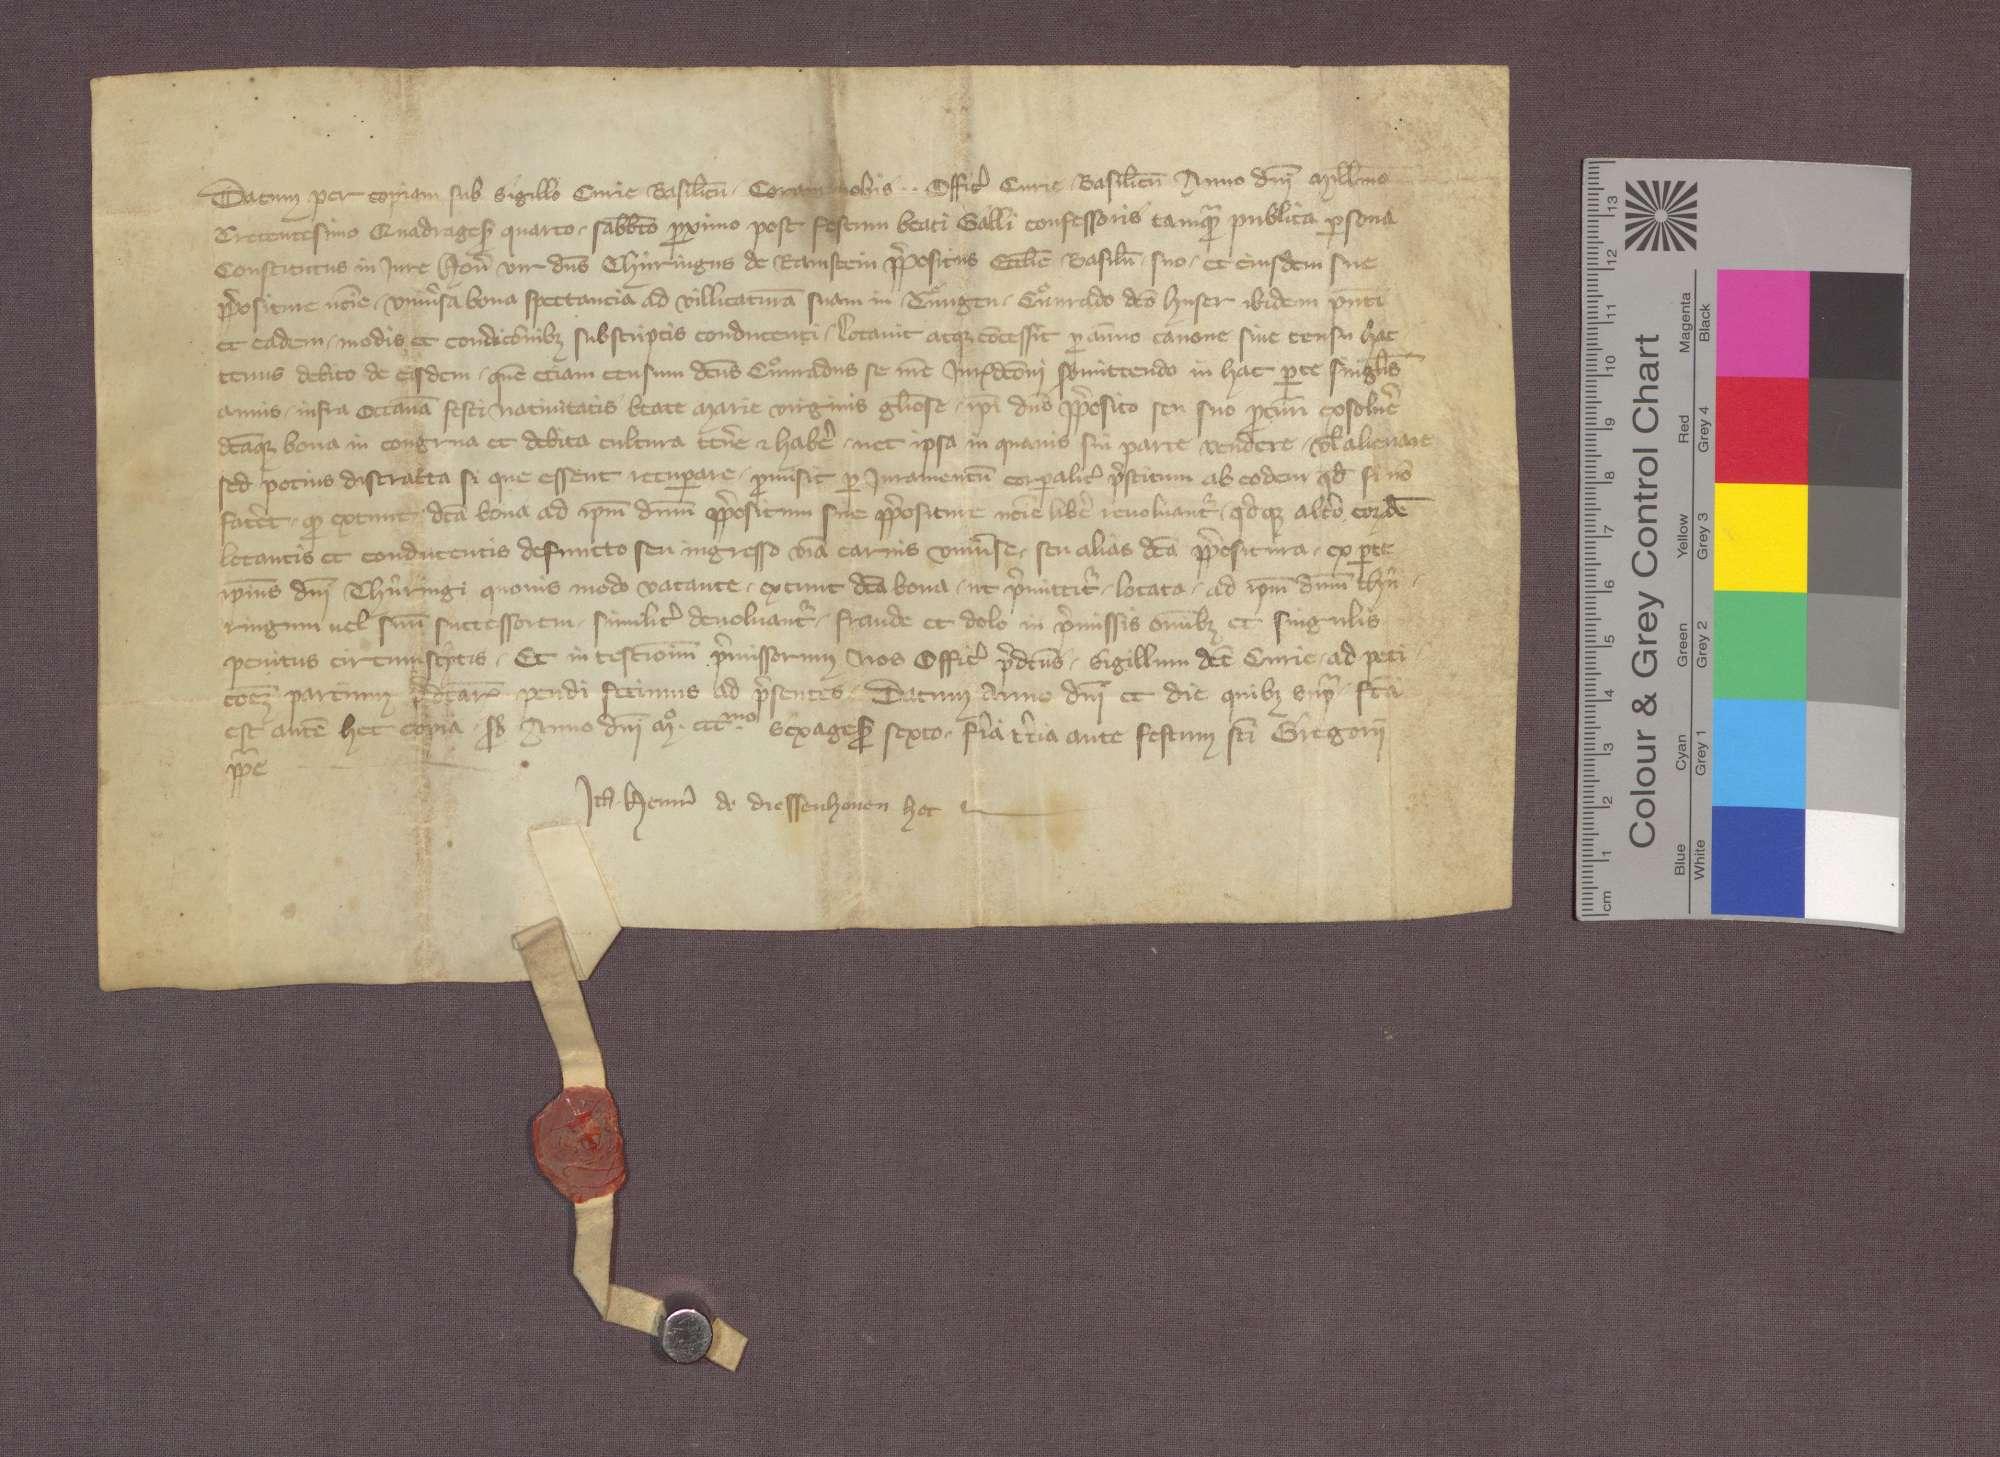 Thüring von Ramstein, Dompropst zu Basel, gibt alle seine Güter zu Tiengen dem Konrad gen .Huser in Bestand., Bild 1